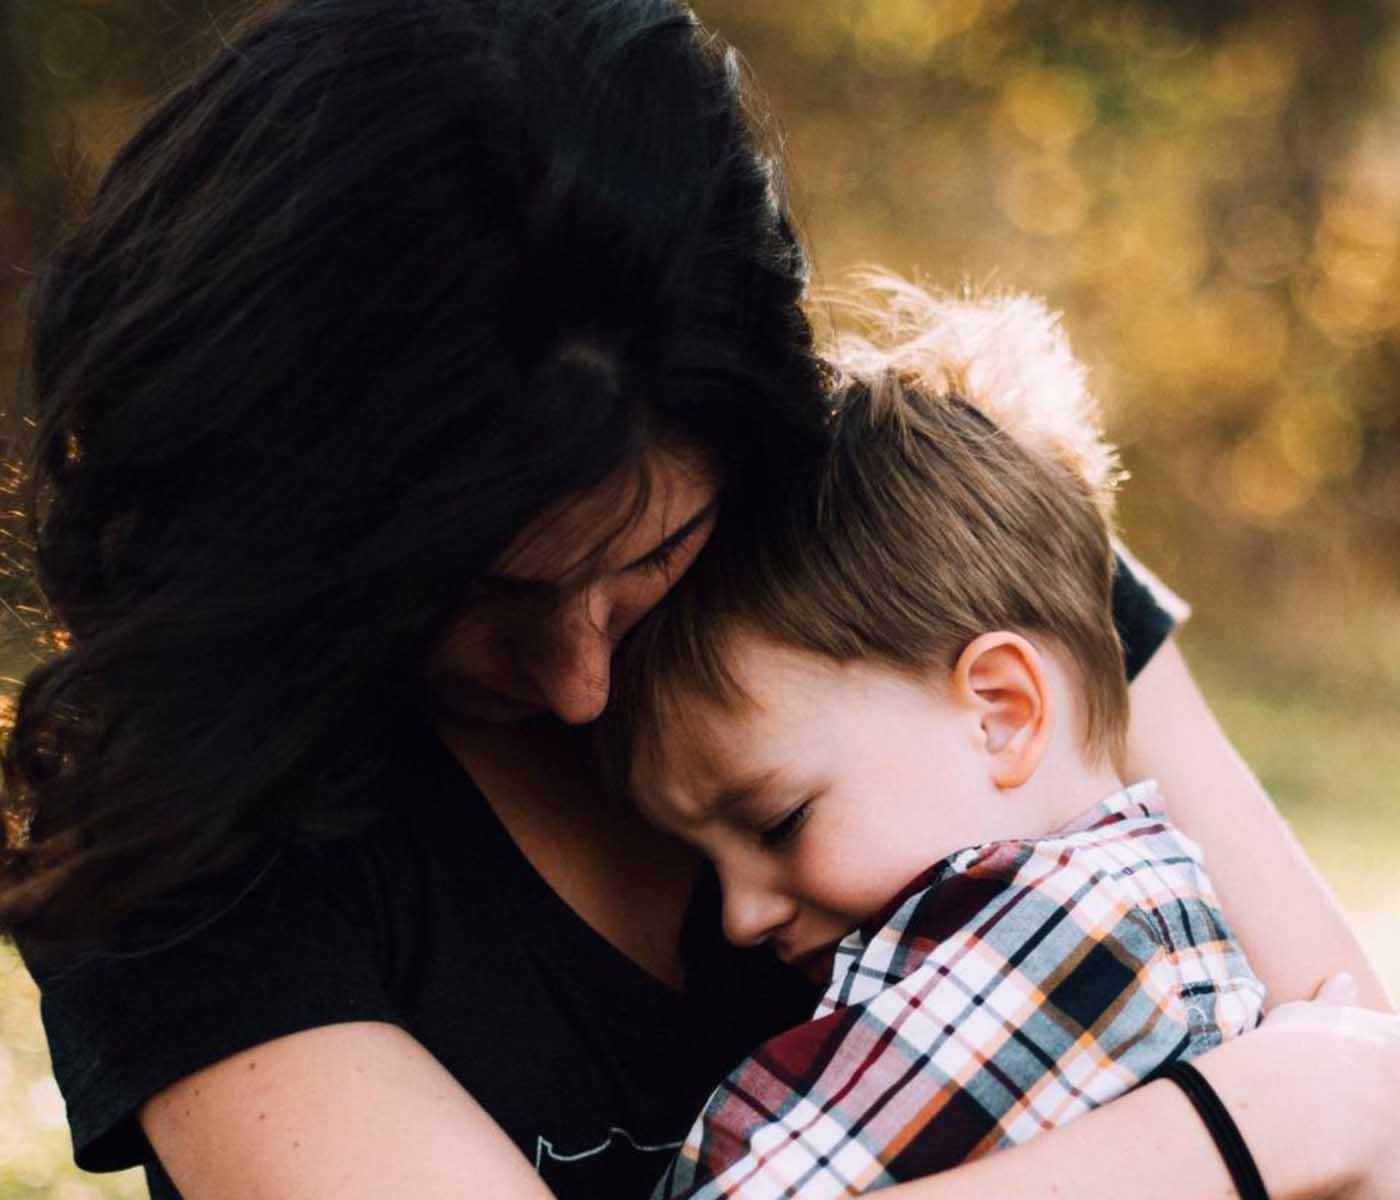 Λυπάμαι το παιδί που δεν γνώρισε ποτέ την δύναμη μιας μάνας που παλεύει για το δίκιο του. –Thisisus.gr